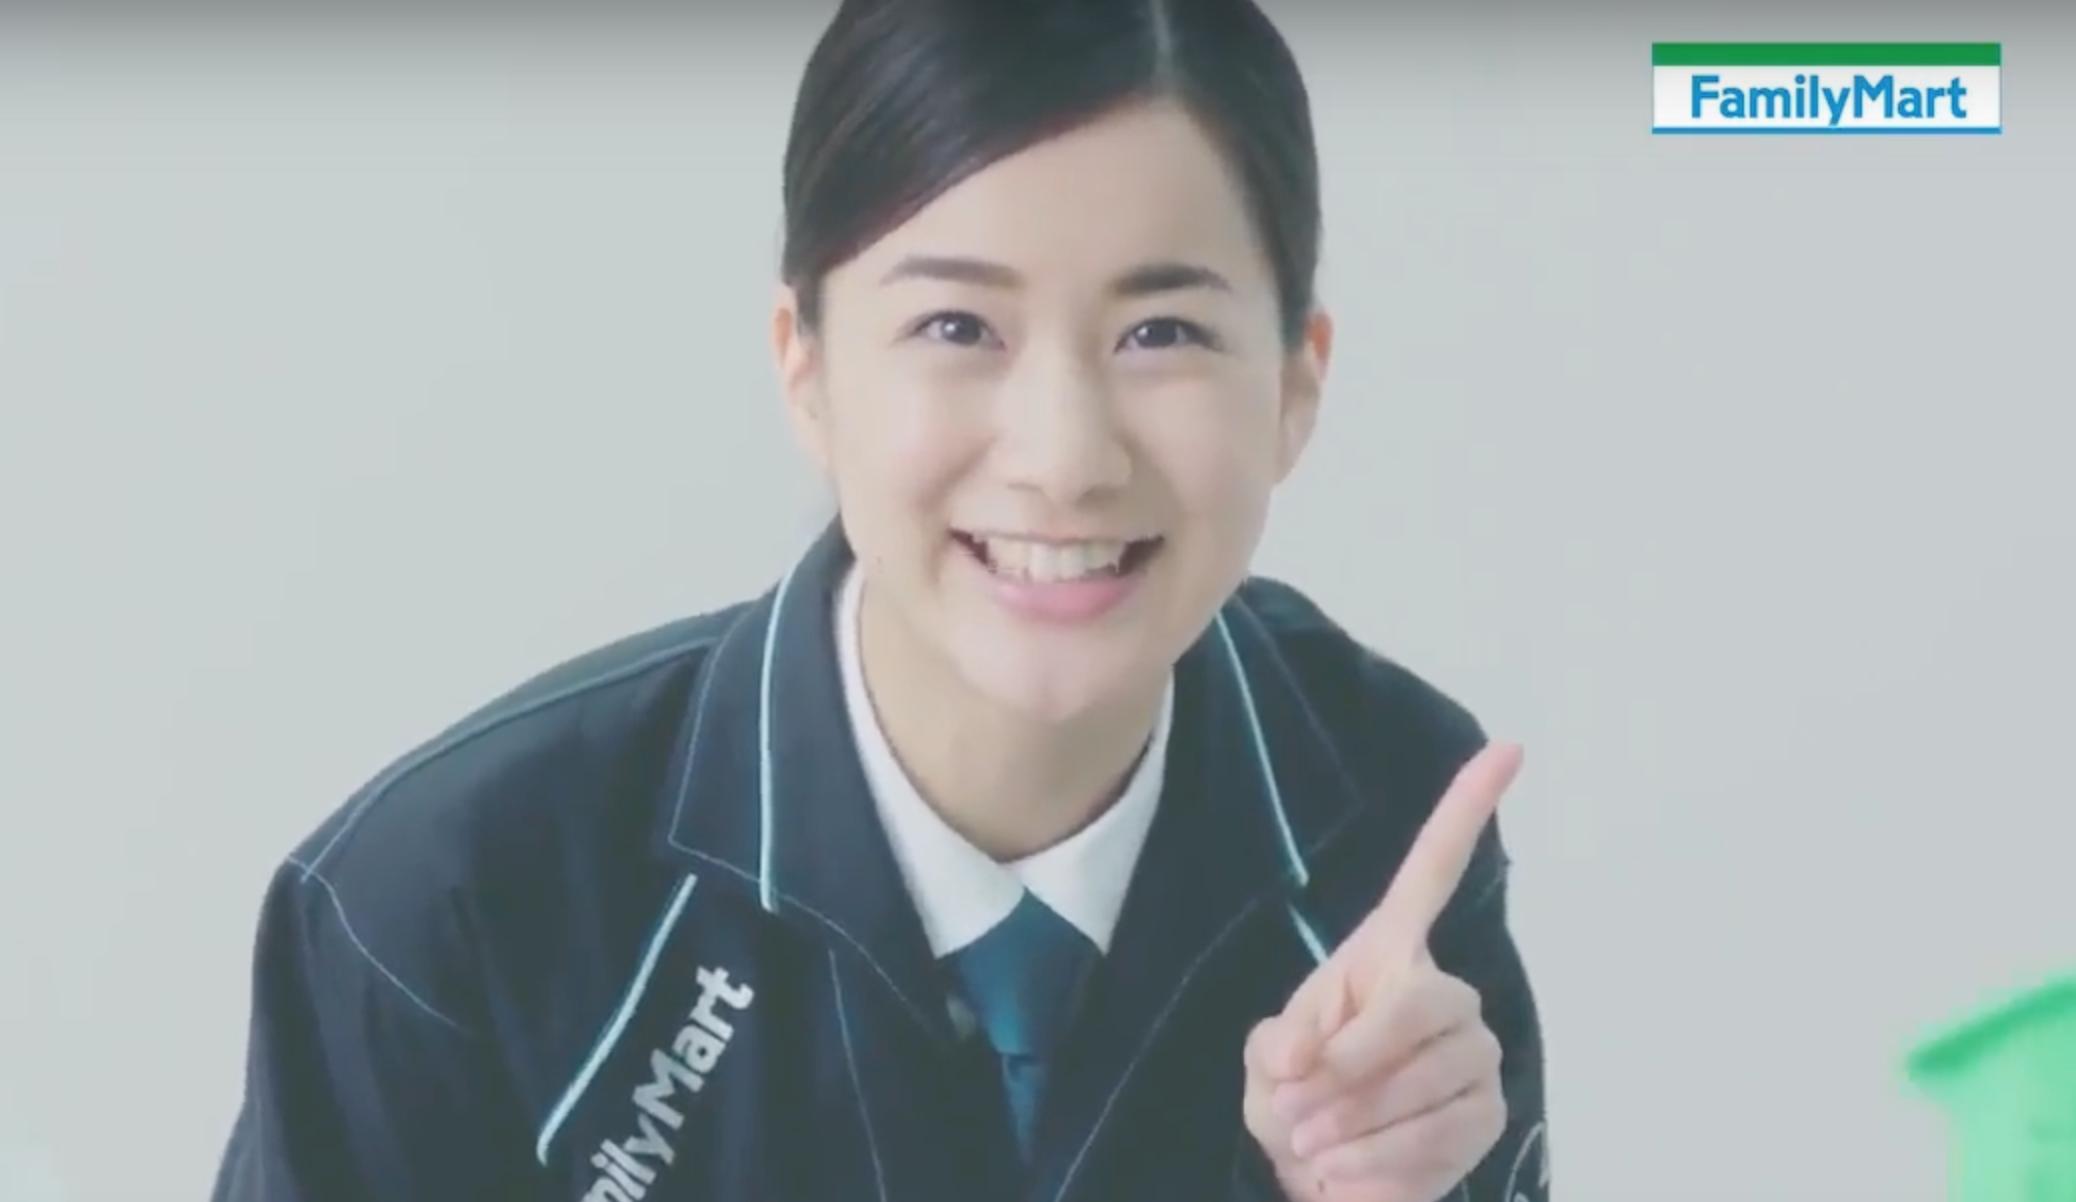 ファミリーマートCM2016夏の店員女優は誰?納富有沙をチェック!